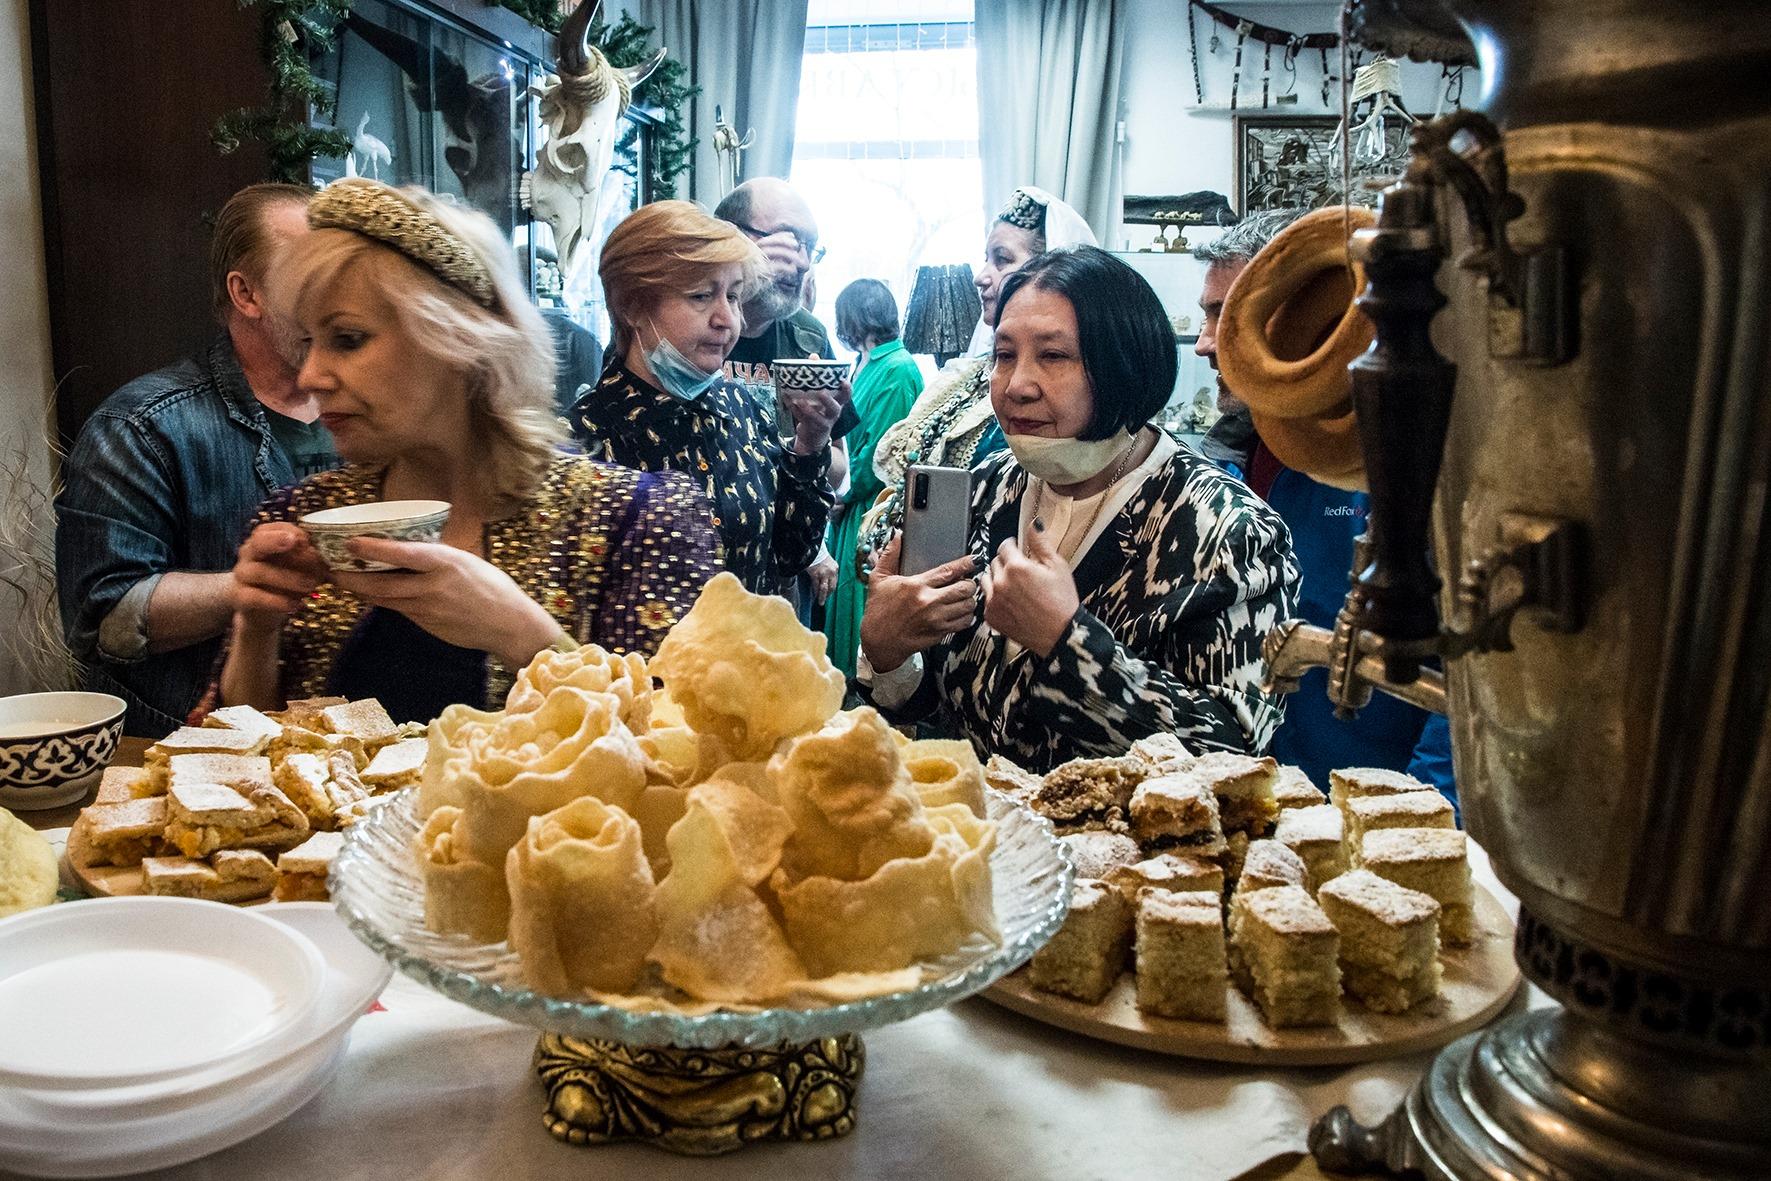 дегустация, национальные блюда, легенды сибири, где попробовать, татарская кухня, мастер-класс татарской кухни, мастер класс бухарской кухни, бухарсккие блюда, приготовить, рецепт, сибирские татары, культура и быт сибирских татар